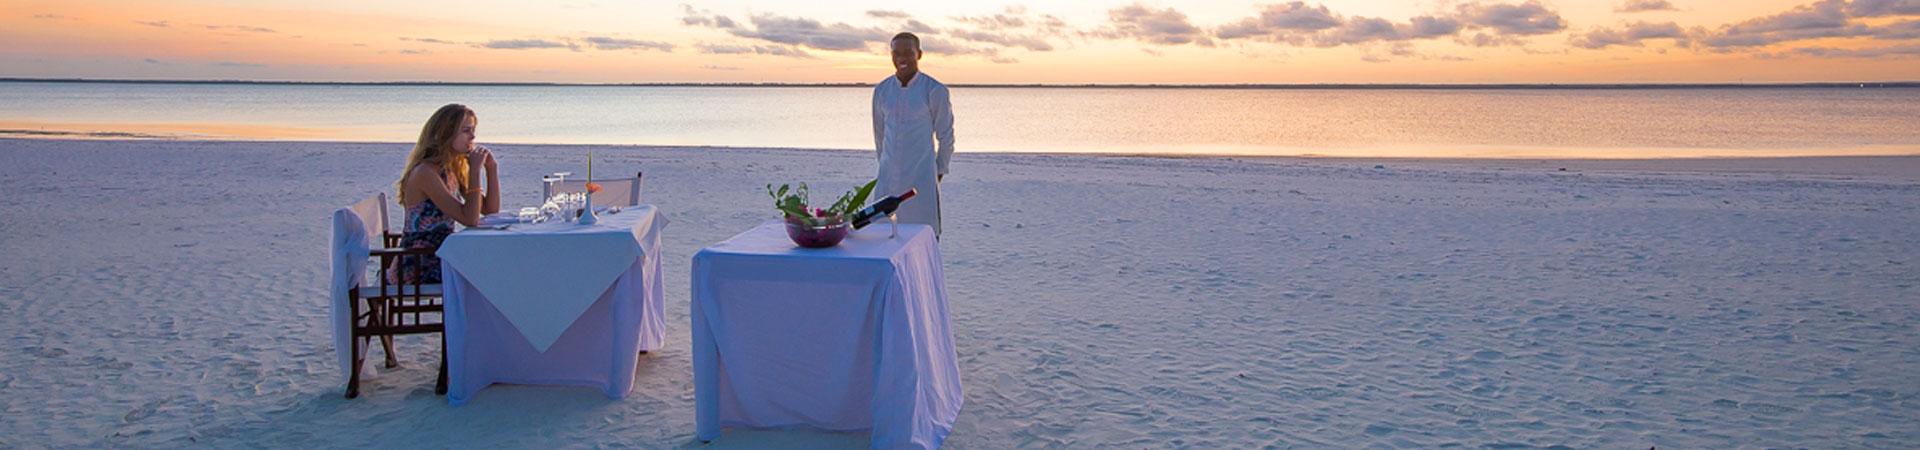 10-Days-Zanzibar--Honeymoon-Beach